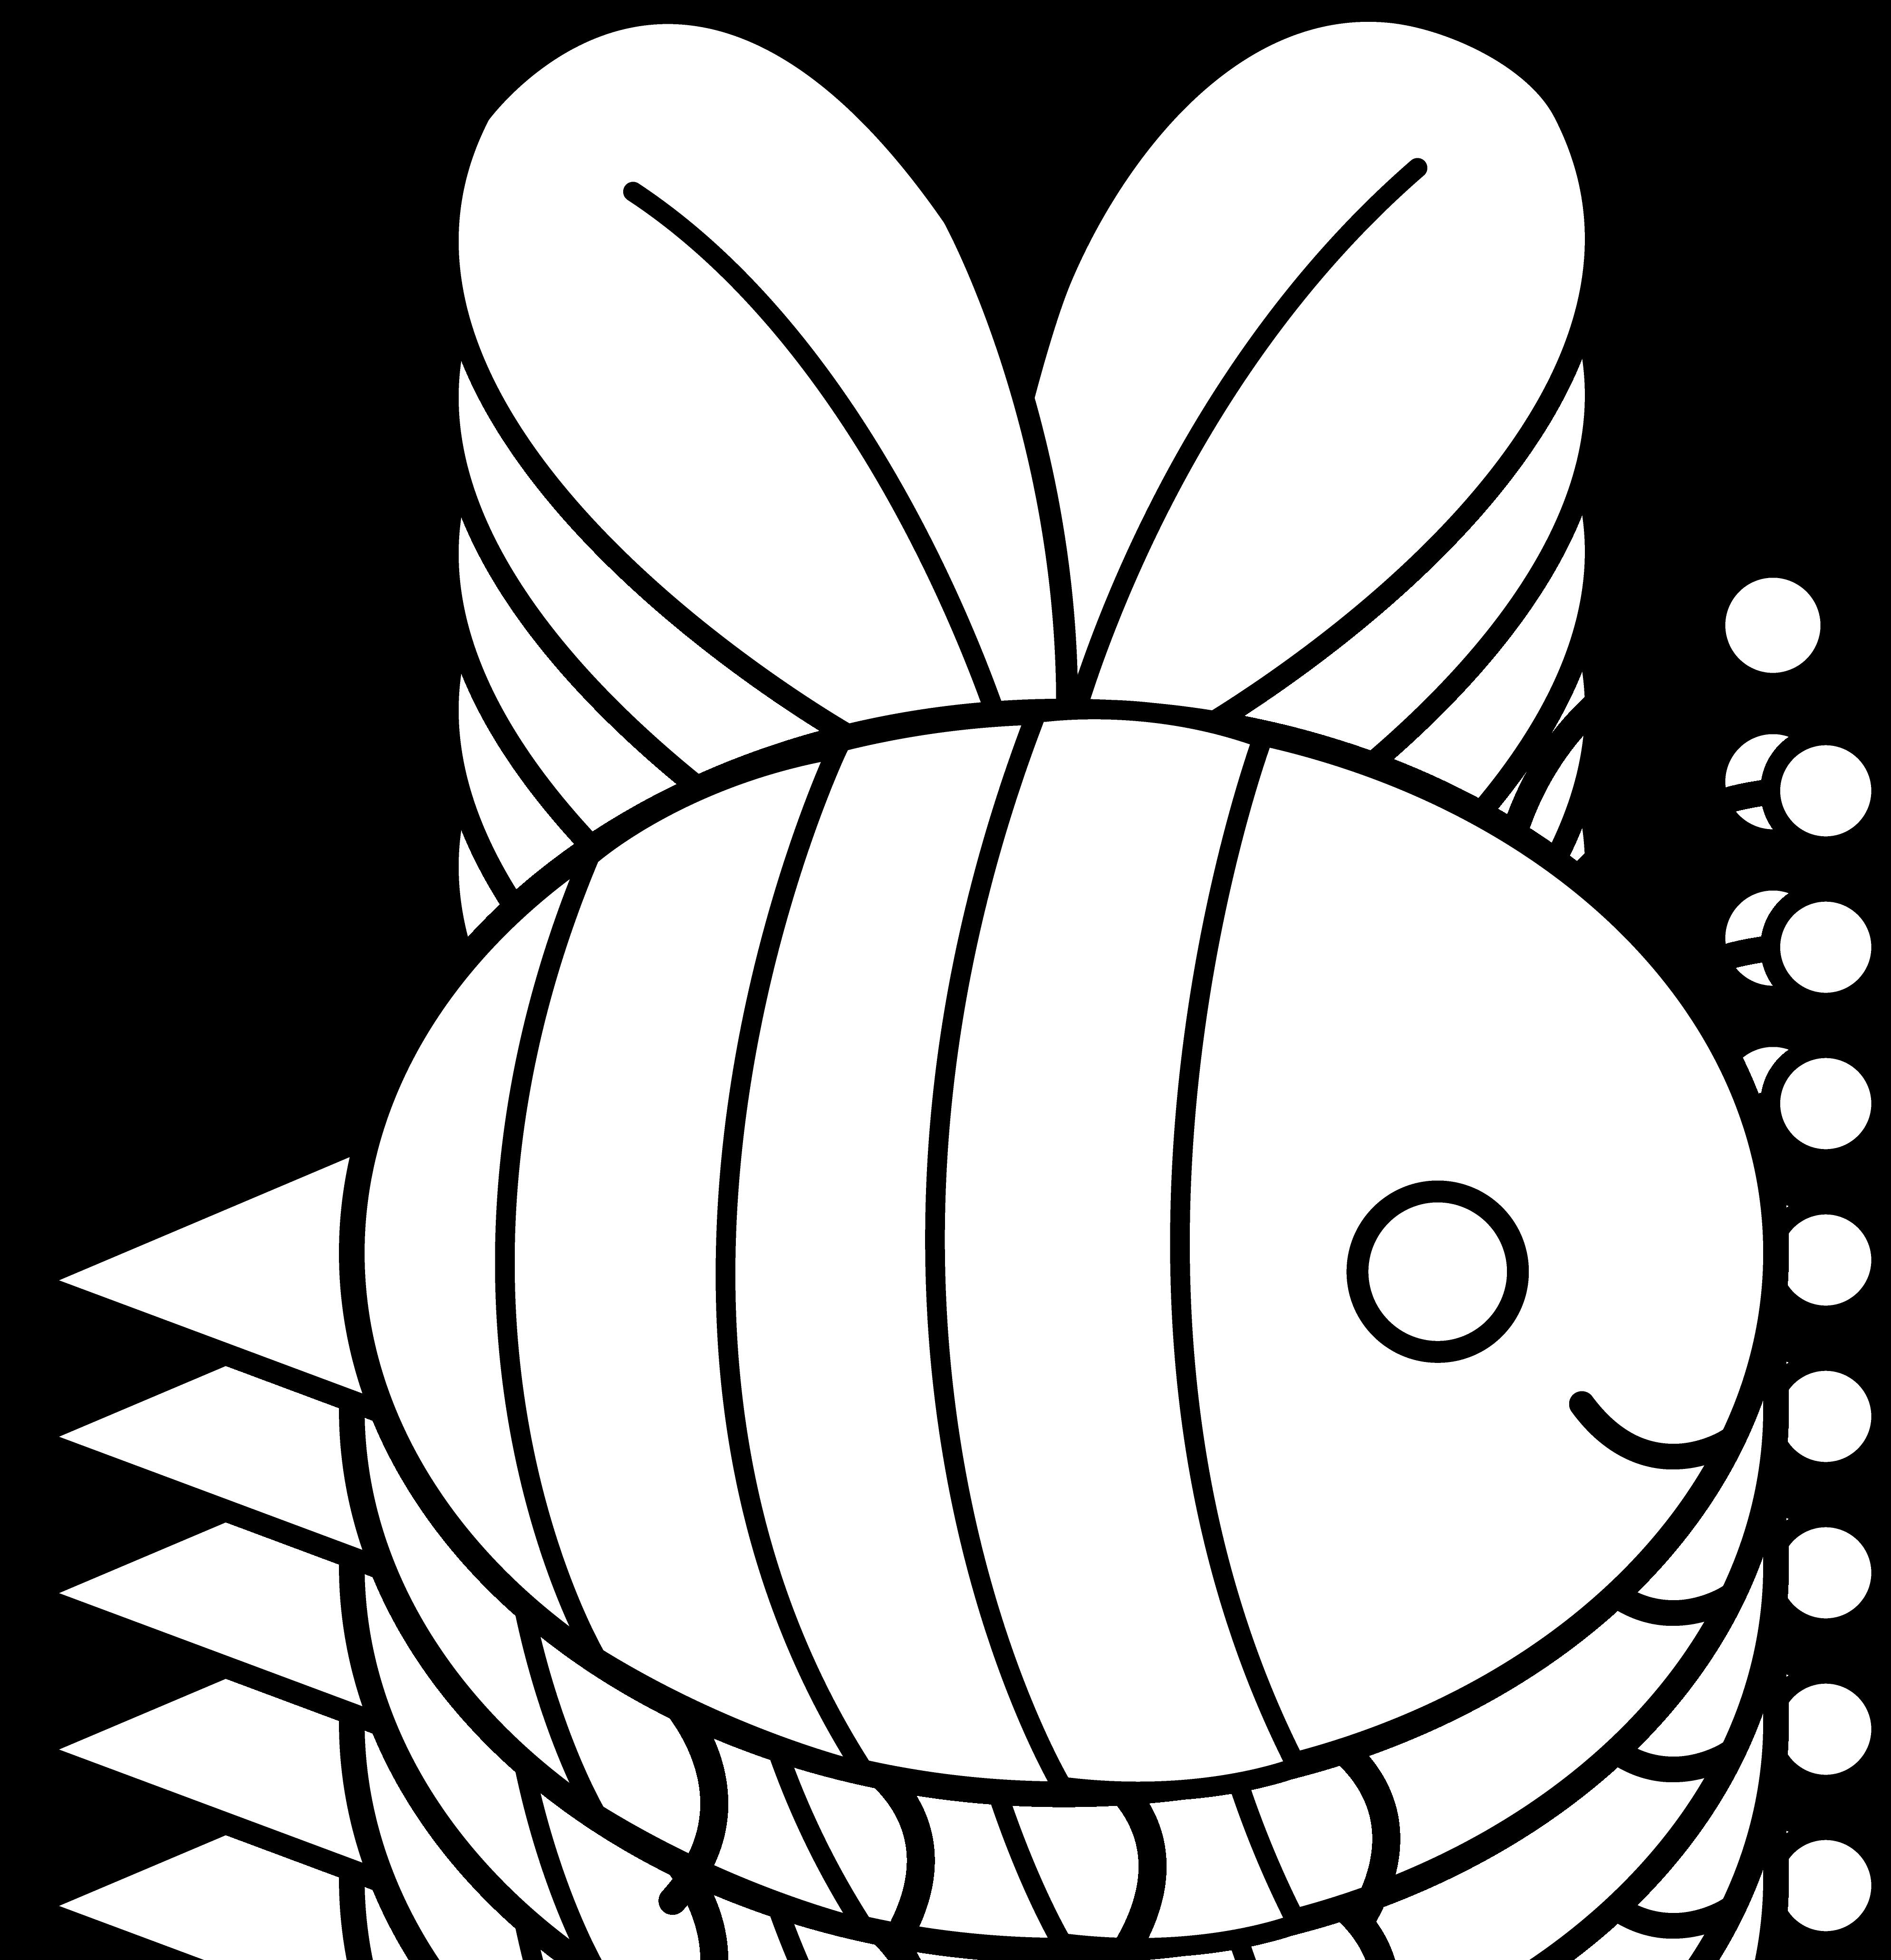 Zzve Line Art : Bee line art cliparts